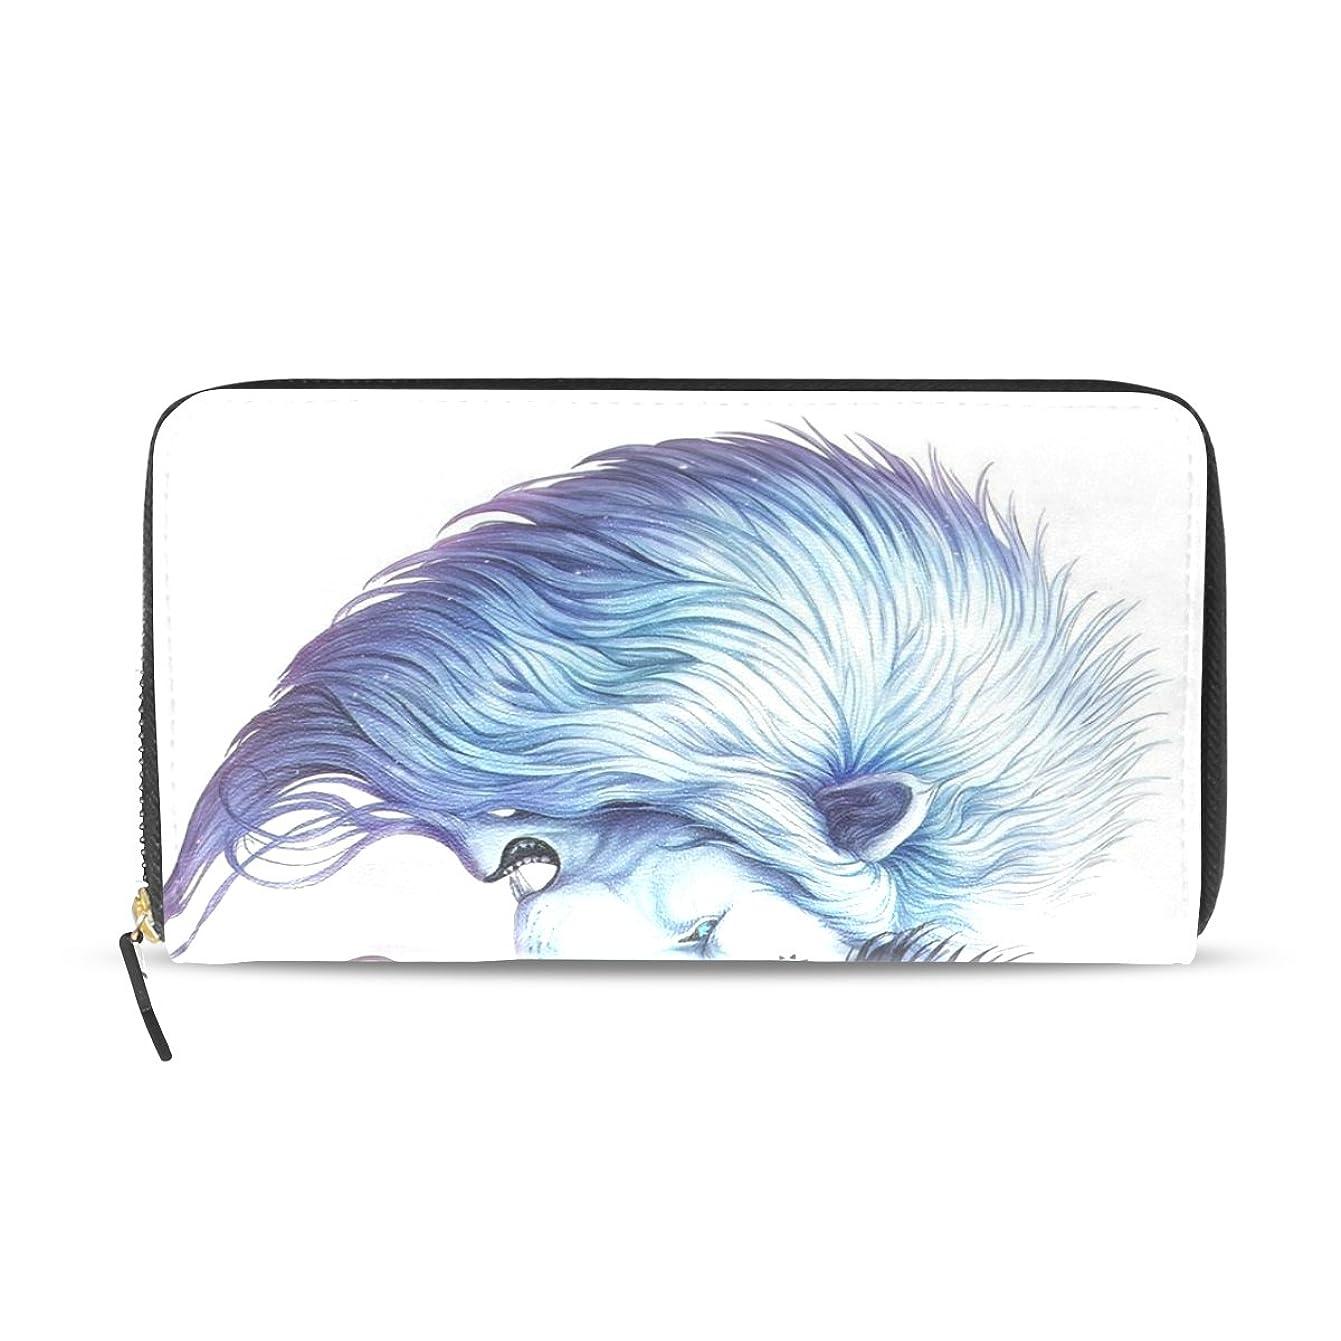 応用ビクター製造GORIRA(ゴリラ) 心形 ライオン 長財布 レディース PU ダブルサイド印刷 ァスナー開閉式 ウォレット